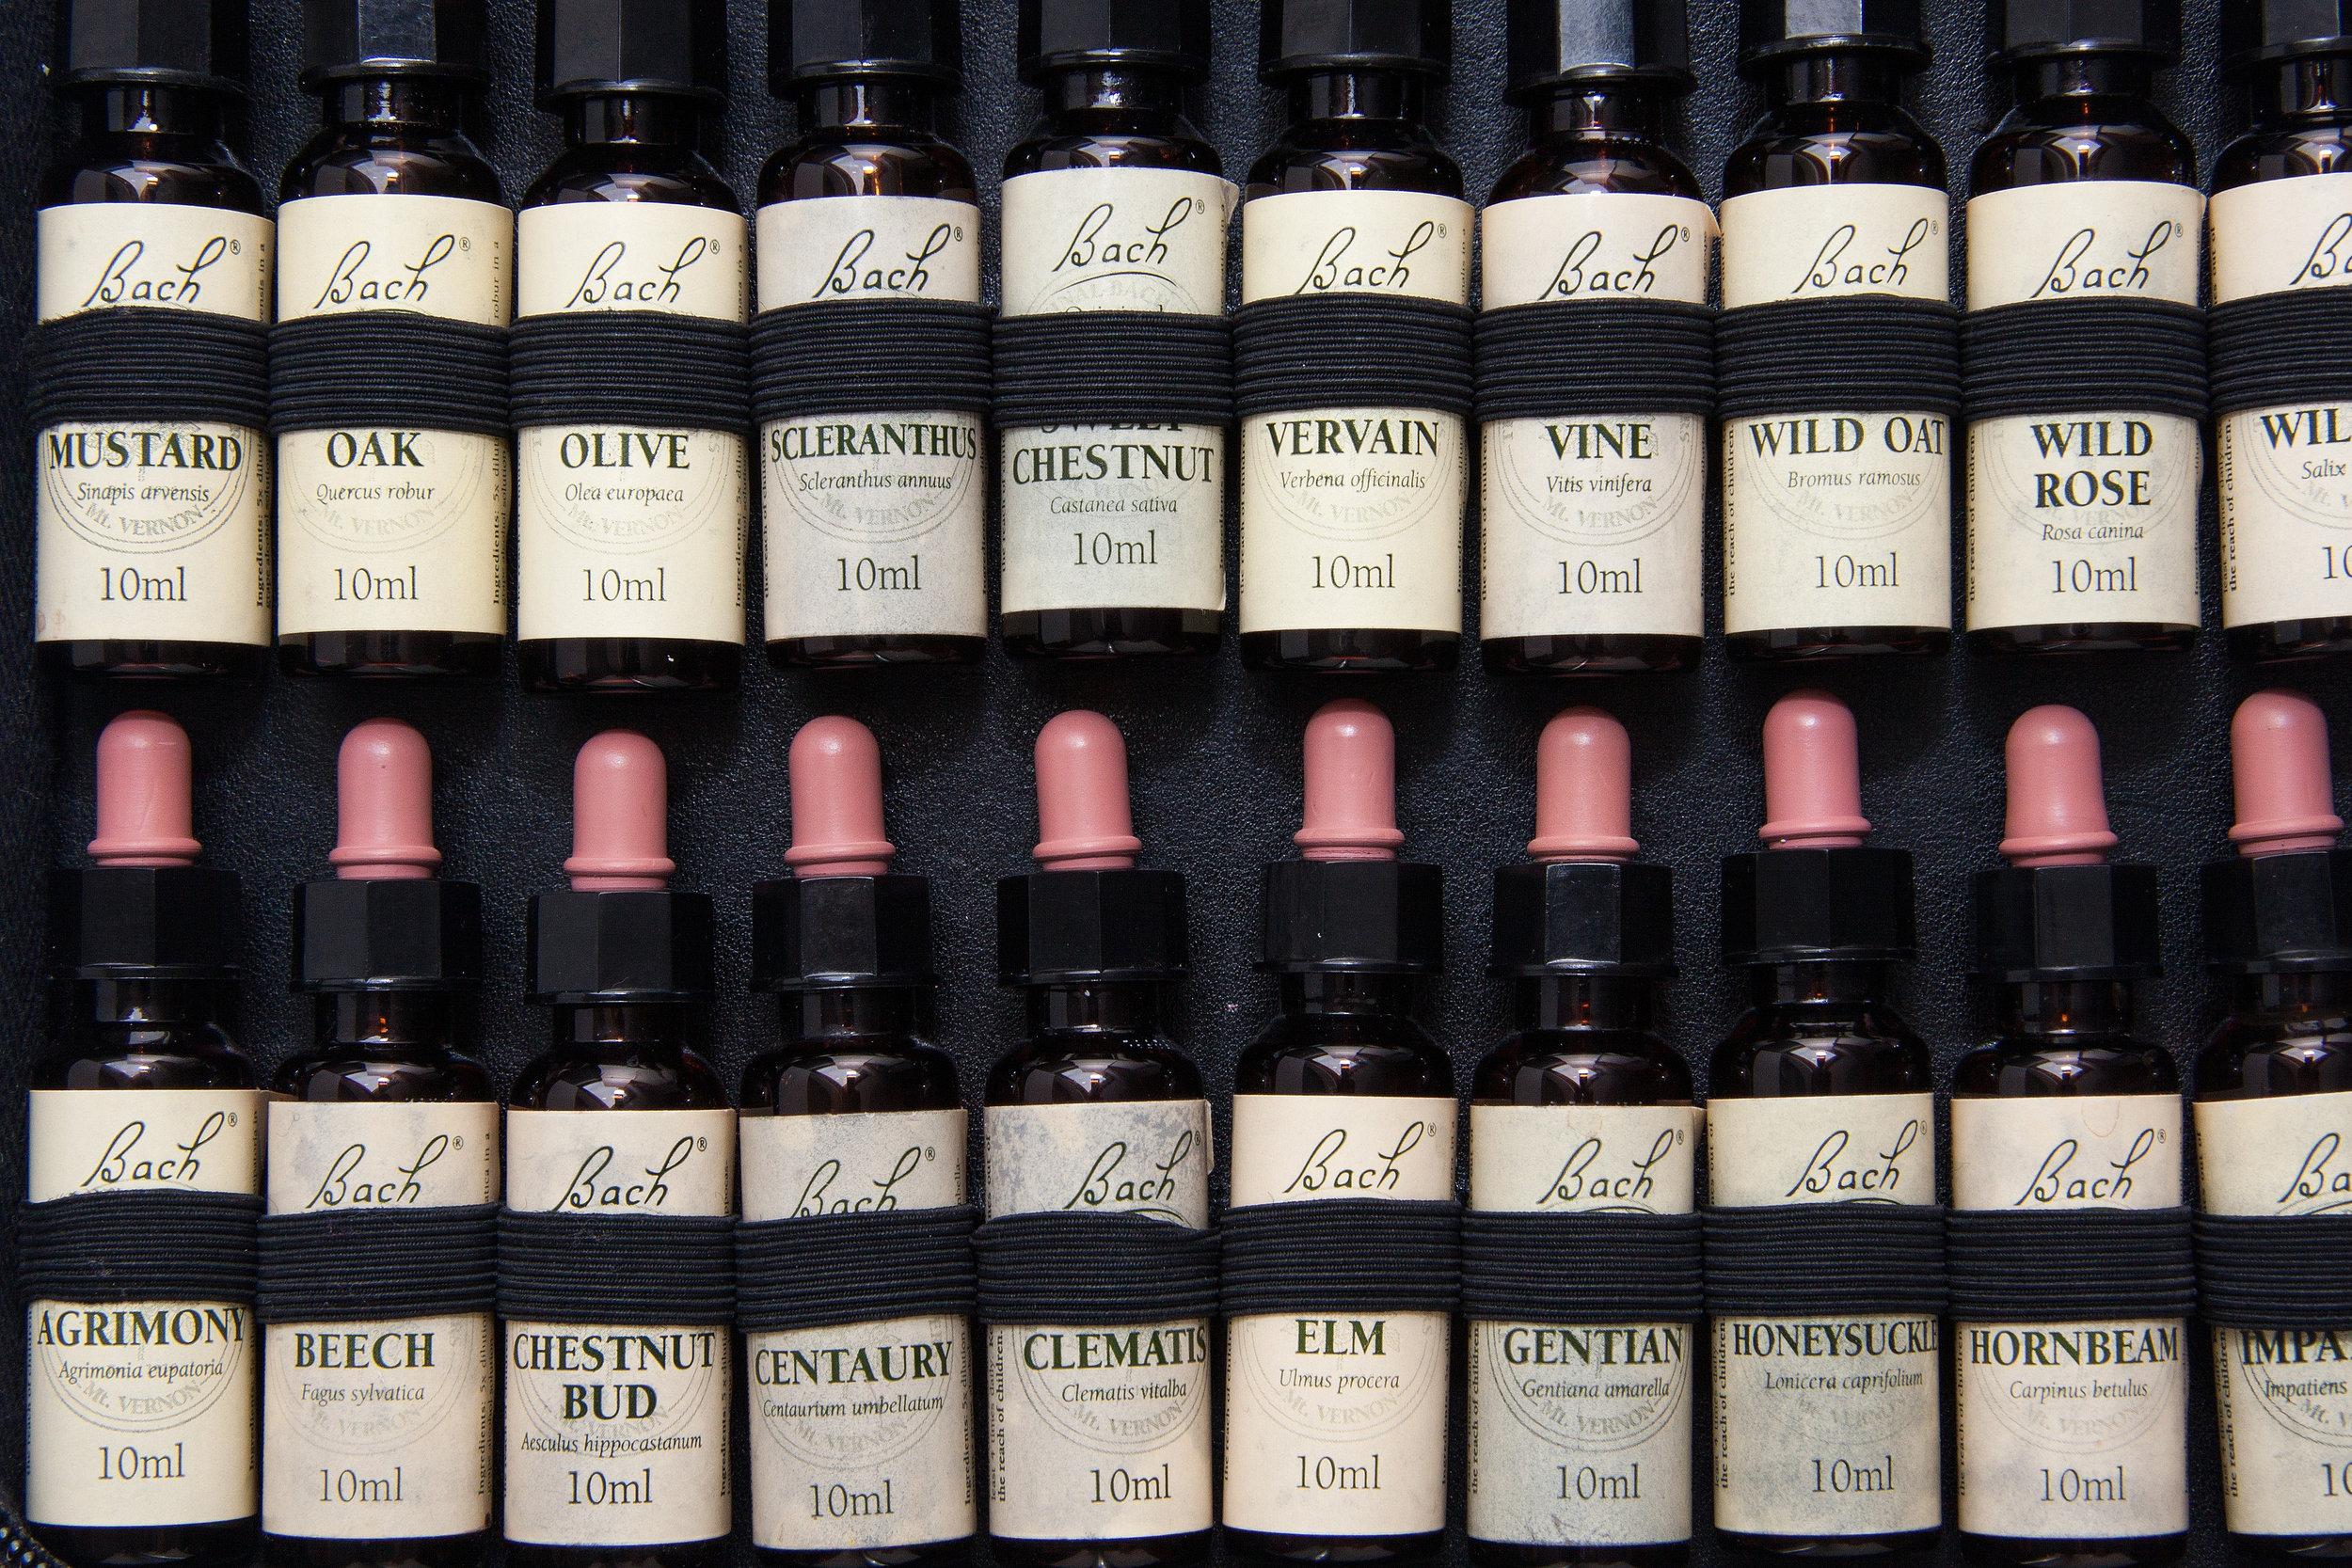 Herbal Remedies - 50 mls $25100 mls $45